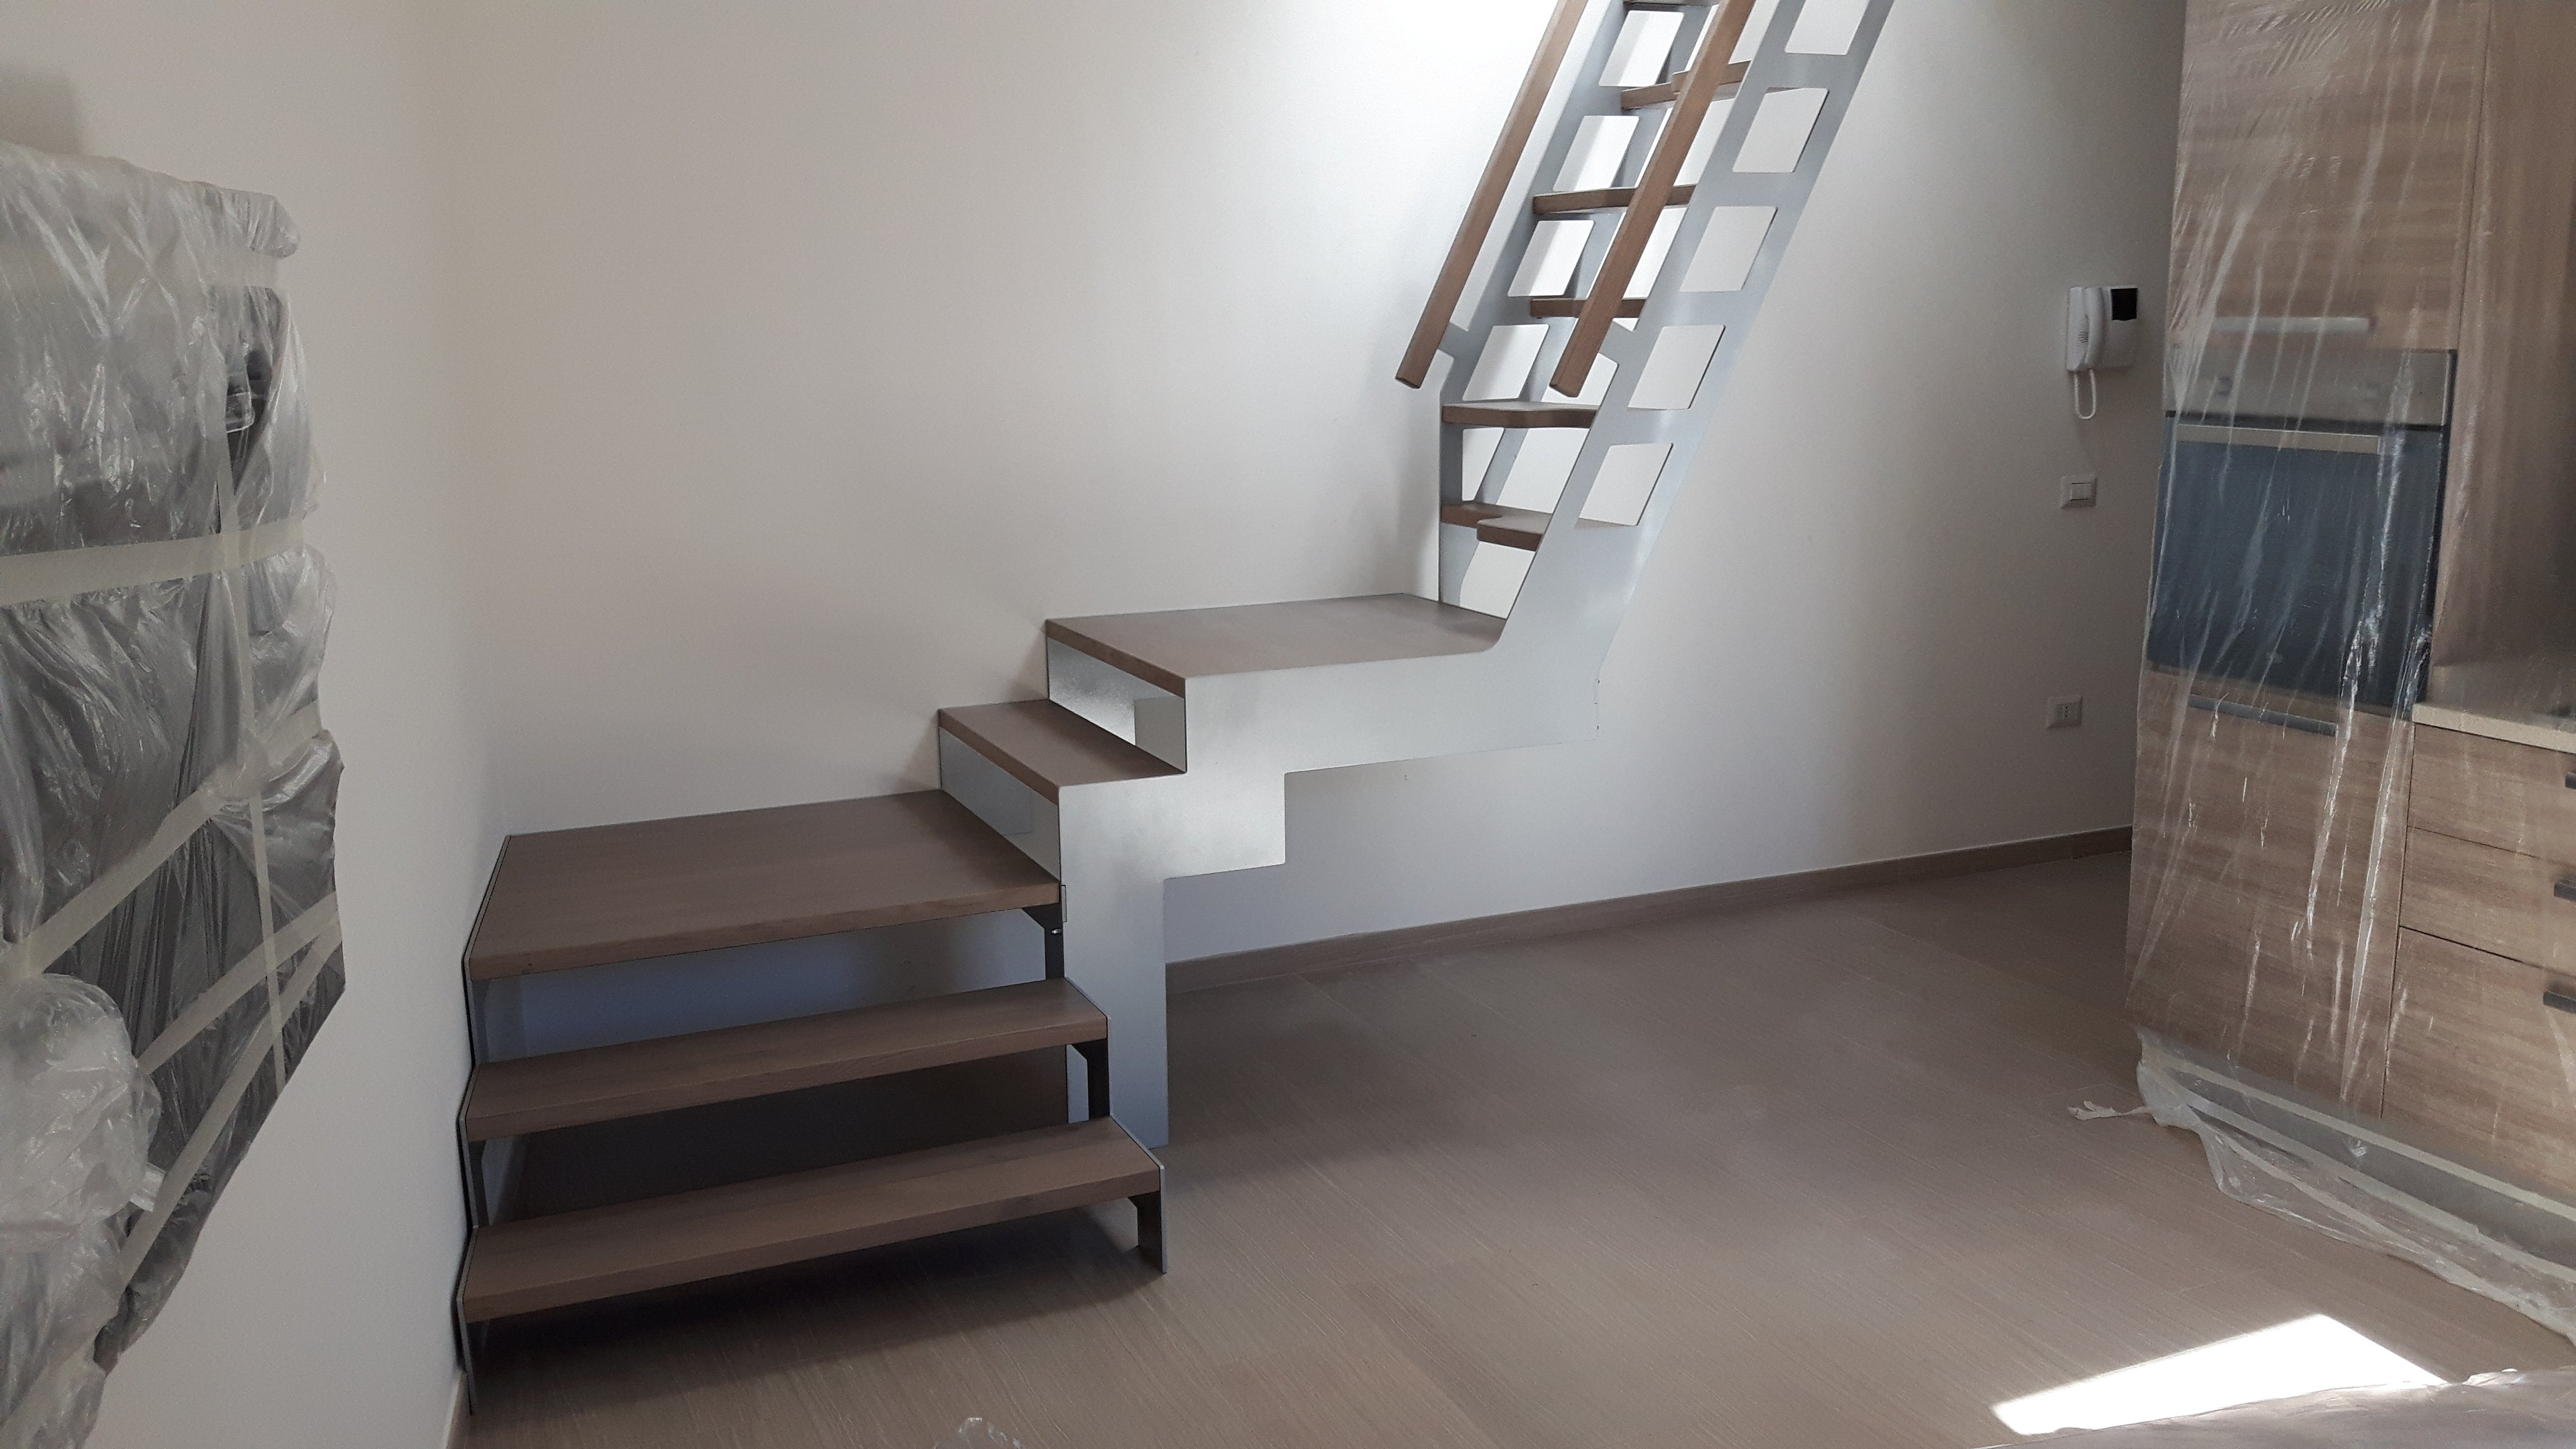 scala con sezione inclinata